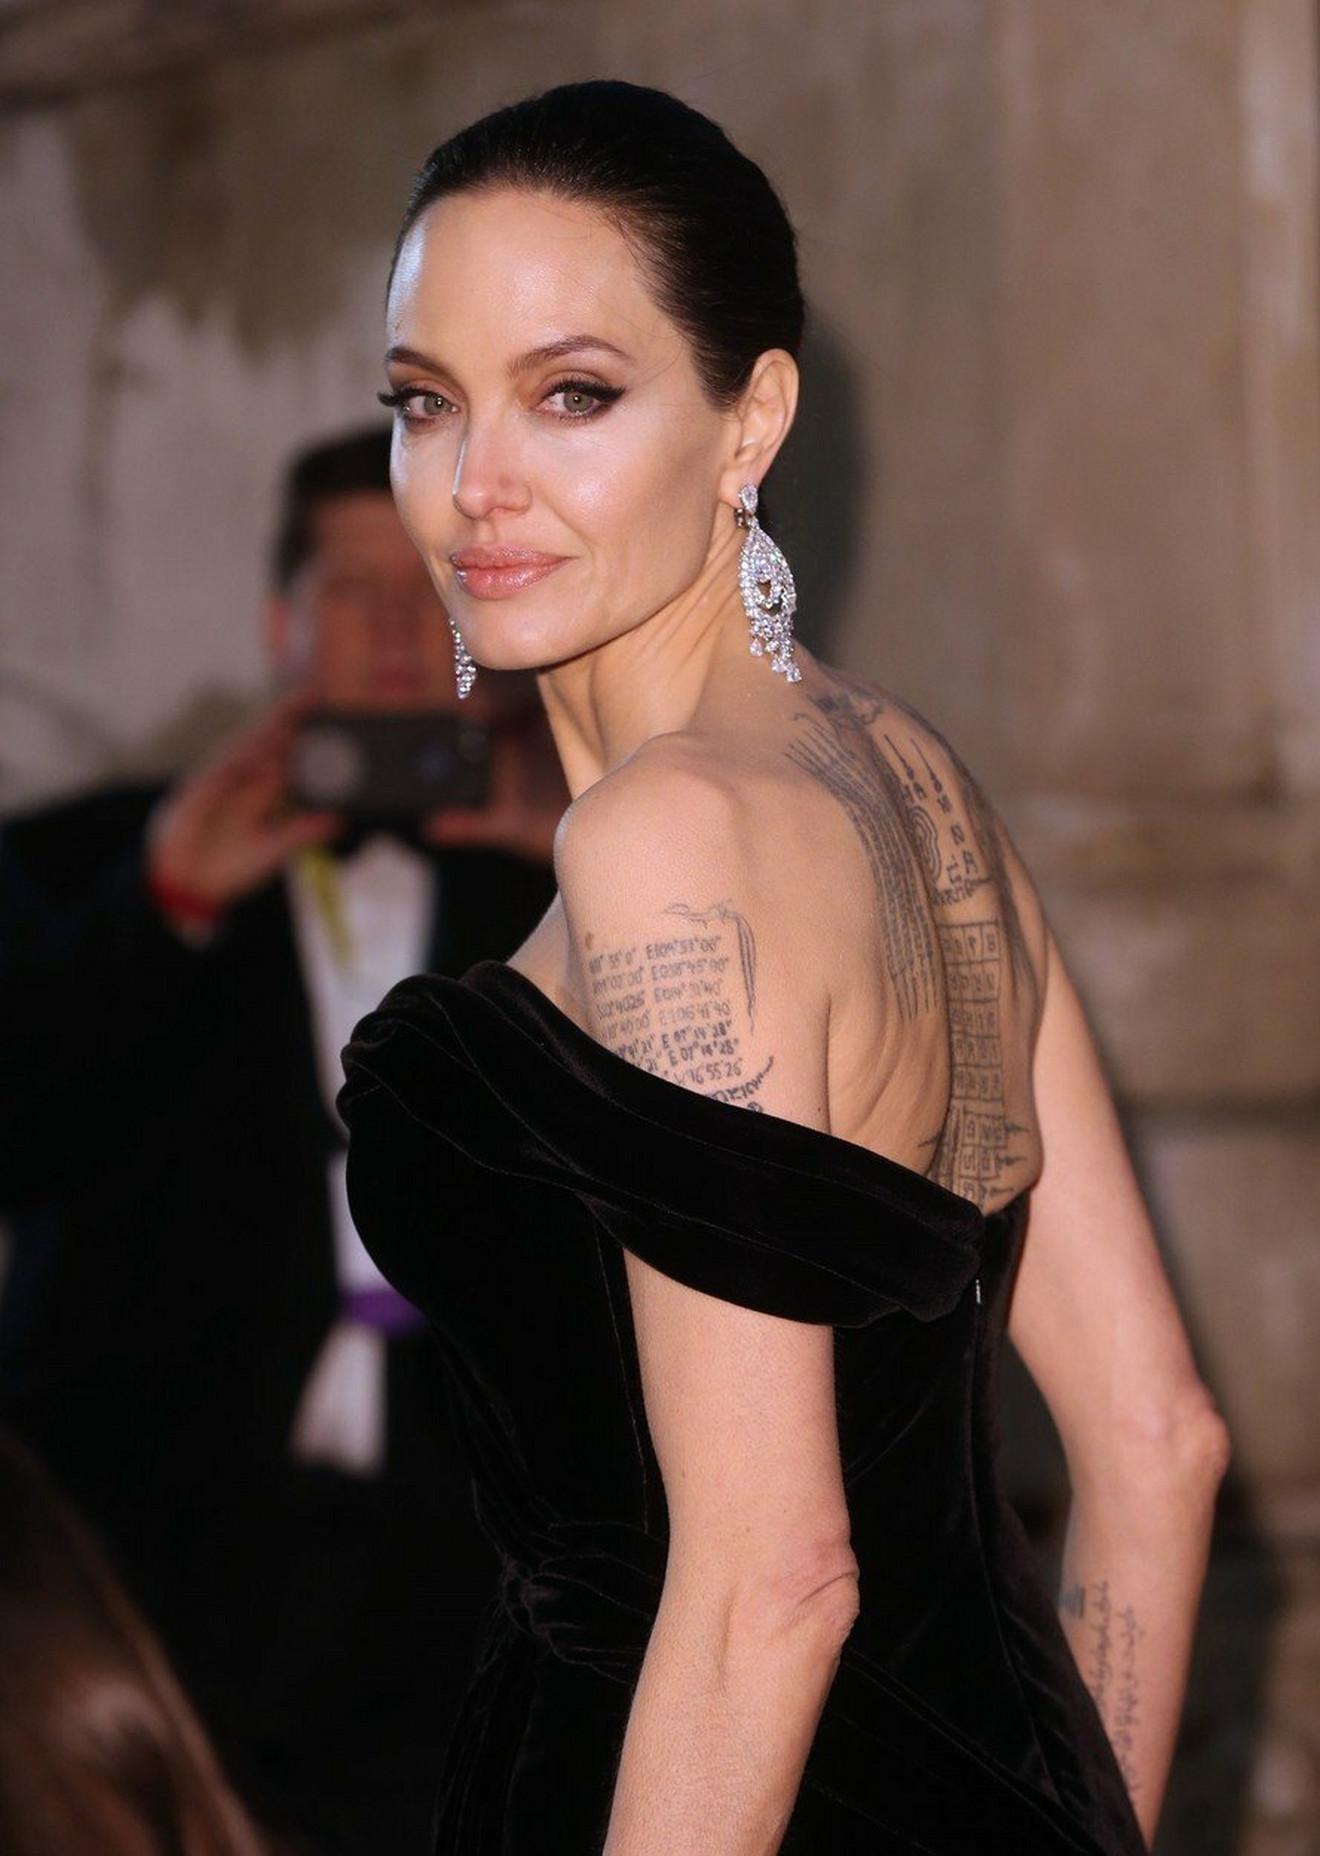 Anđelina sigurno nije stavila tačku na tetoviranje